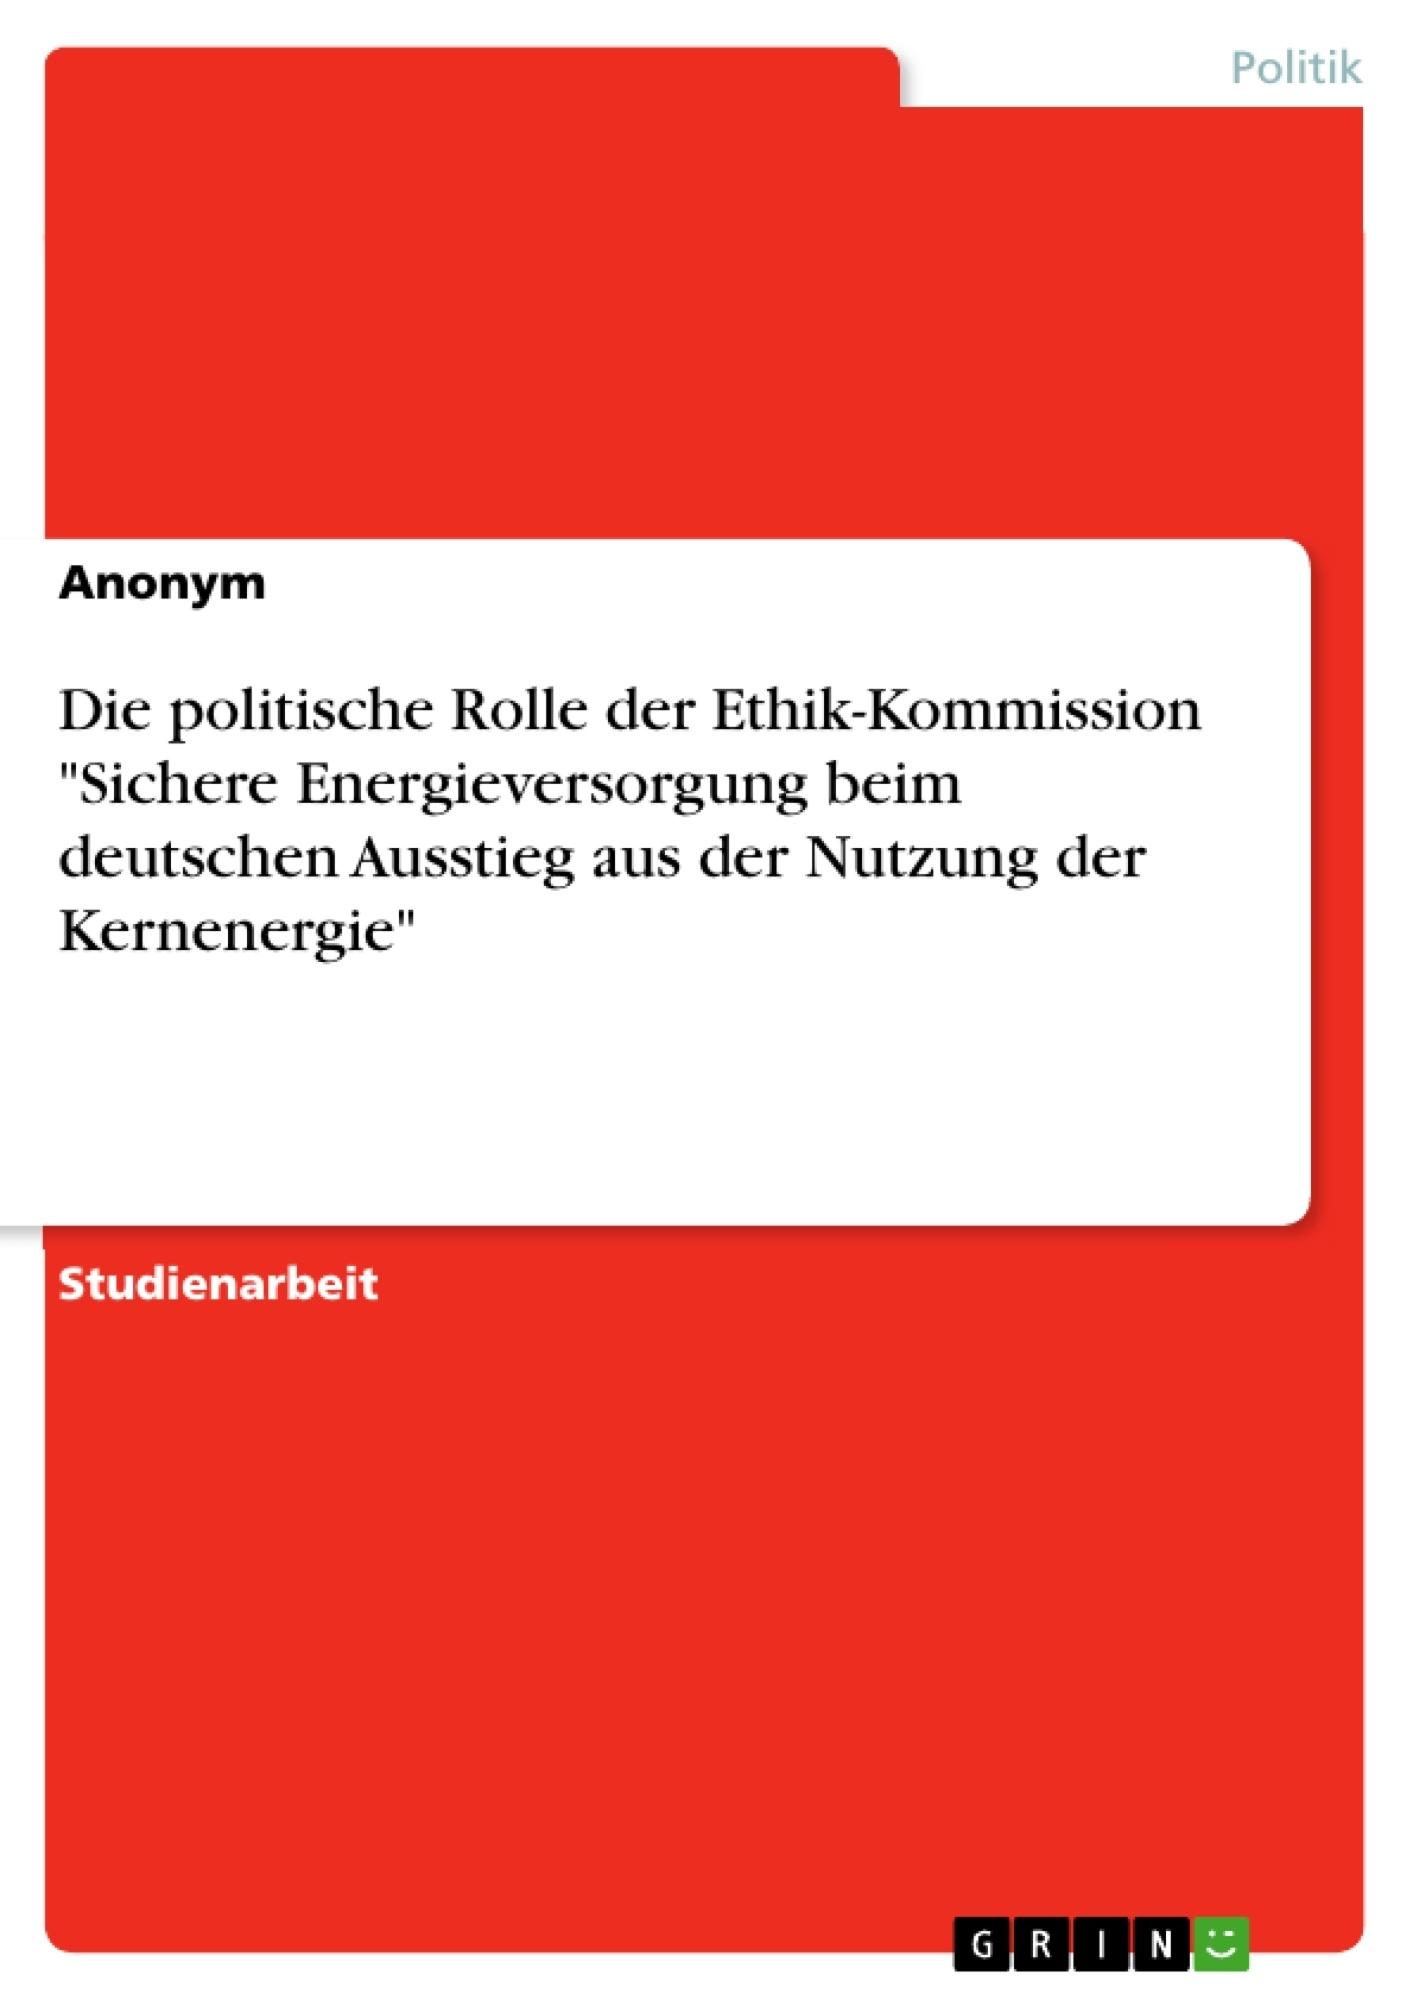 """Titel: Die politische Rolle der Ethik-Kommission """"Sichere Energieversorgung beim deutschen Ausstieg aus der Nutzung der Kernenergie"""""""